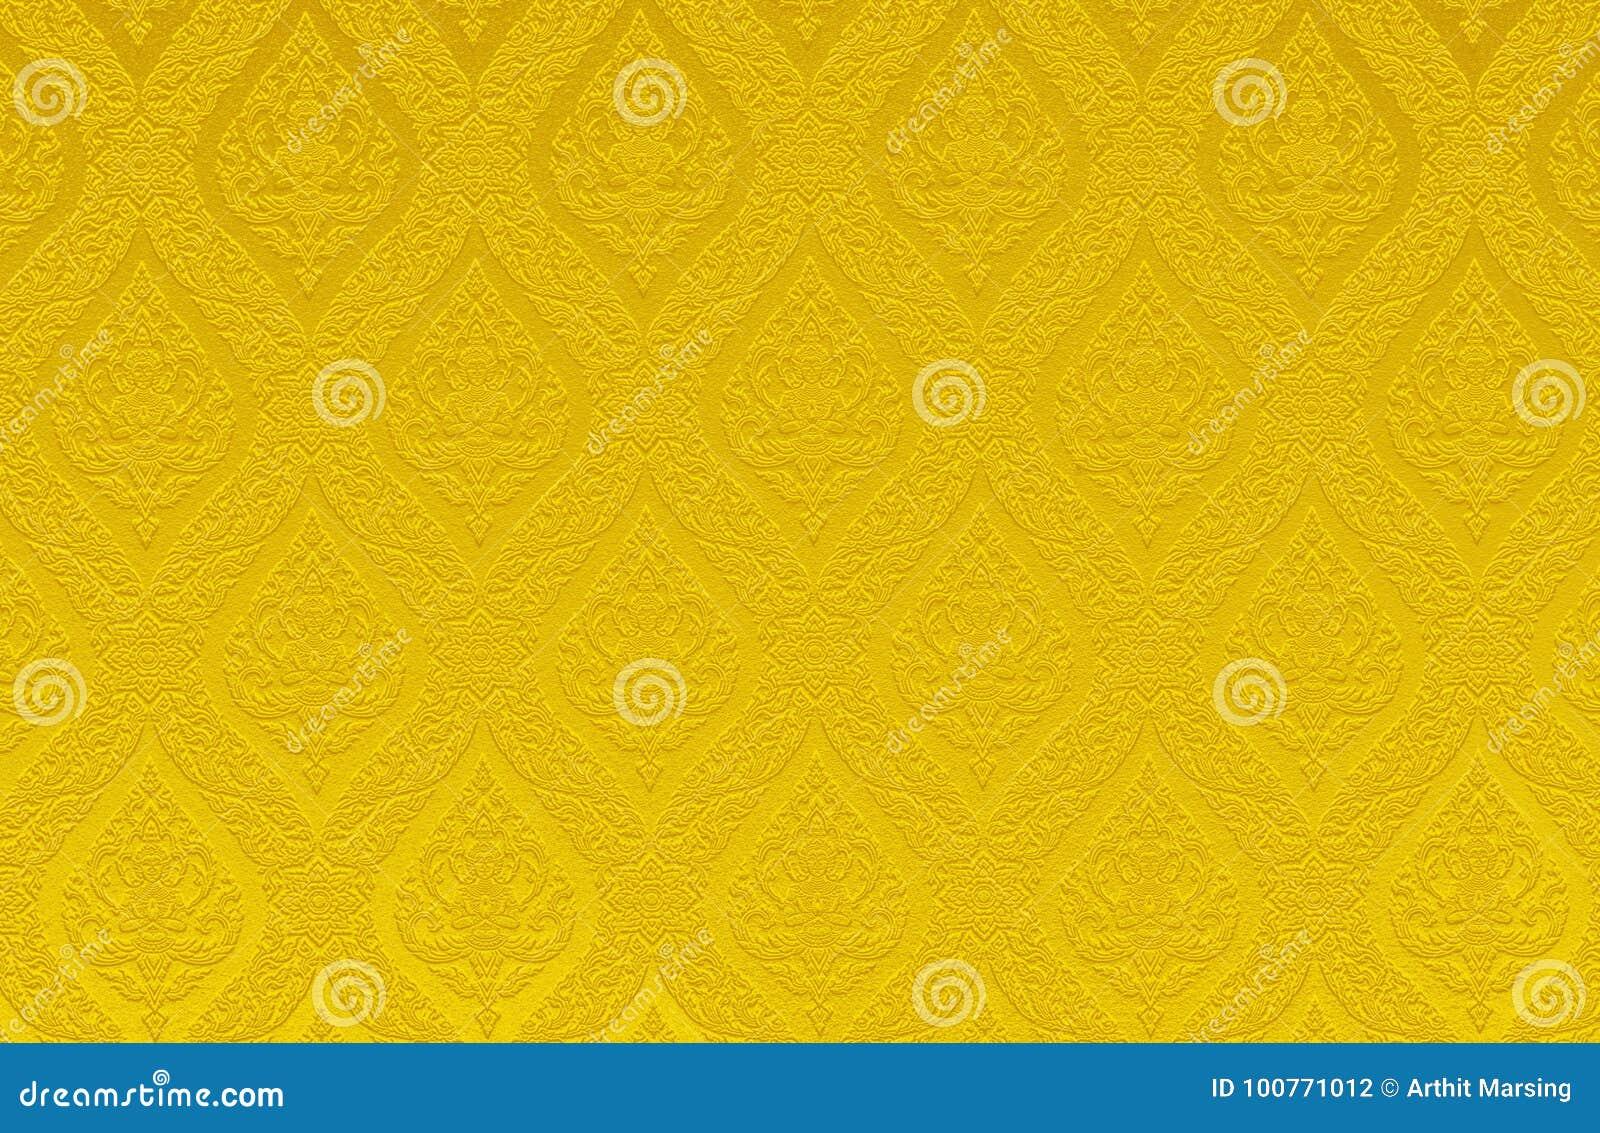 Το χρυσό αφηρημένο υπόβαθρο σχεδίων σύστασης χρώματος μπορεί να είναι χρήση ως σελίδα κάλυψης φυλλάδιων οικονόμων οθόνης εγγράφου